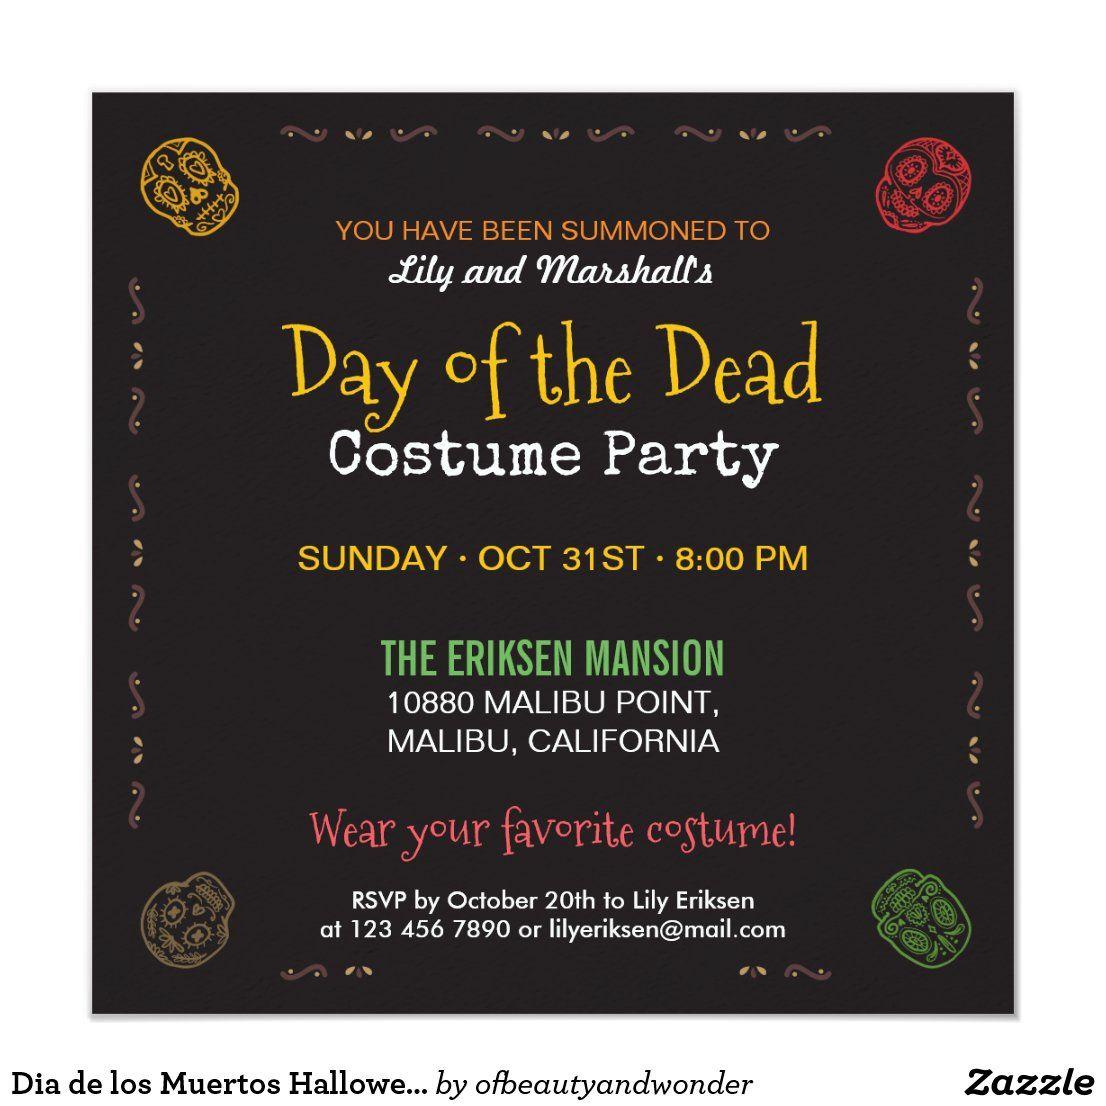 Dia De Los Muertos Halloween Party Invitation In 2020 Halloween Party Invitations Dia De Los Muertos Halloween Party Costumes